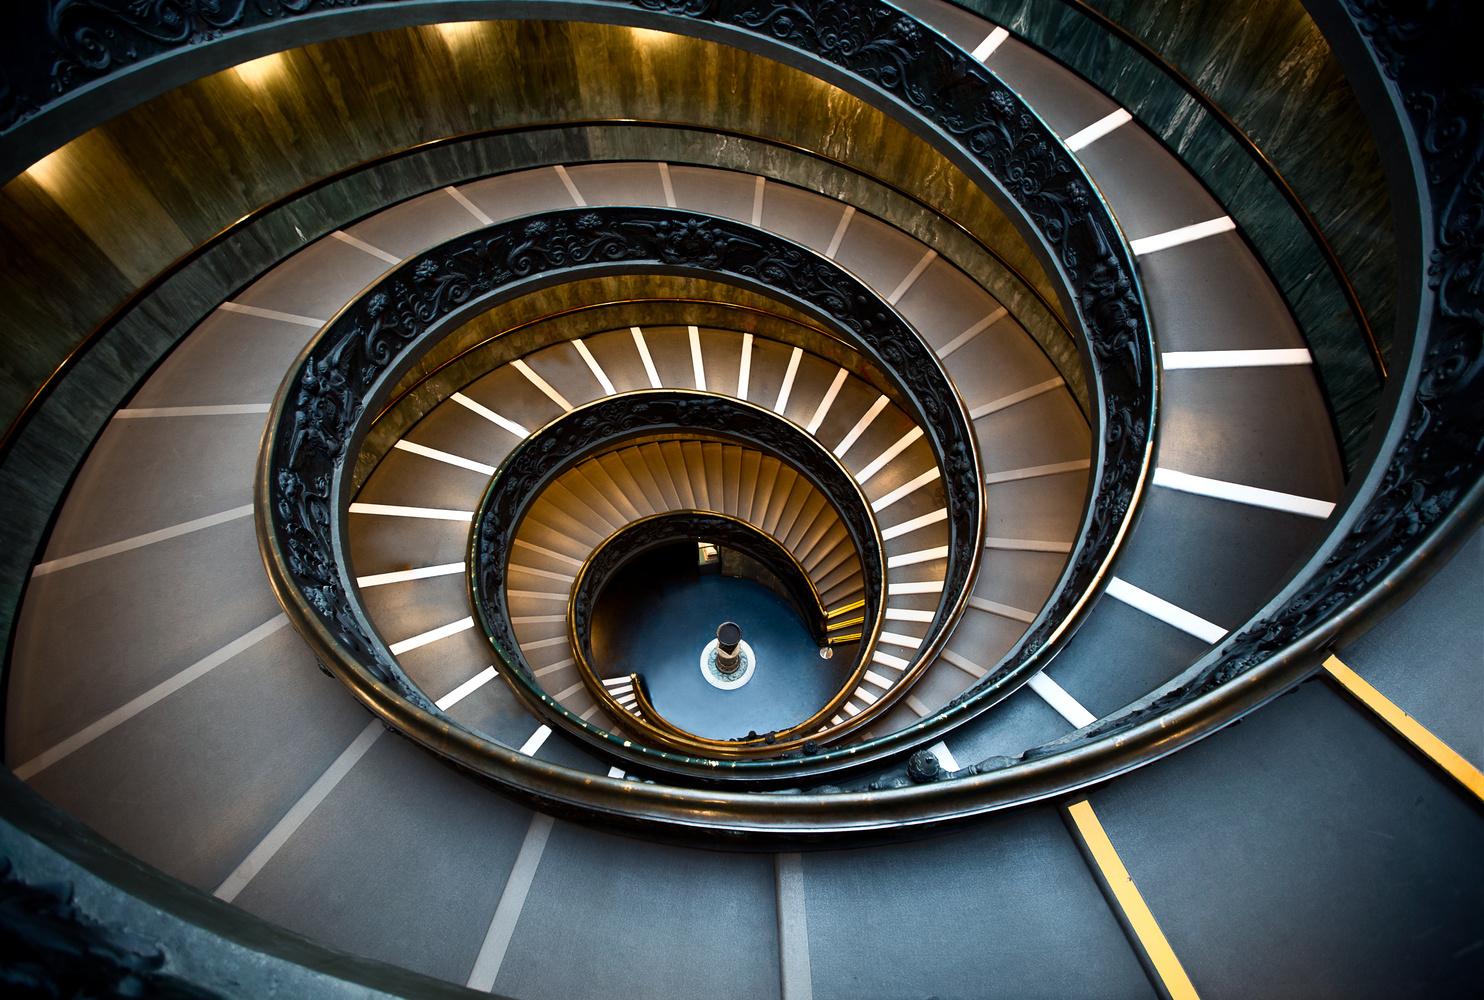 Bramante Staircase by Derek Brawdy